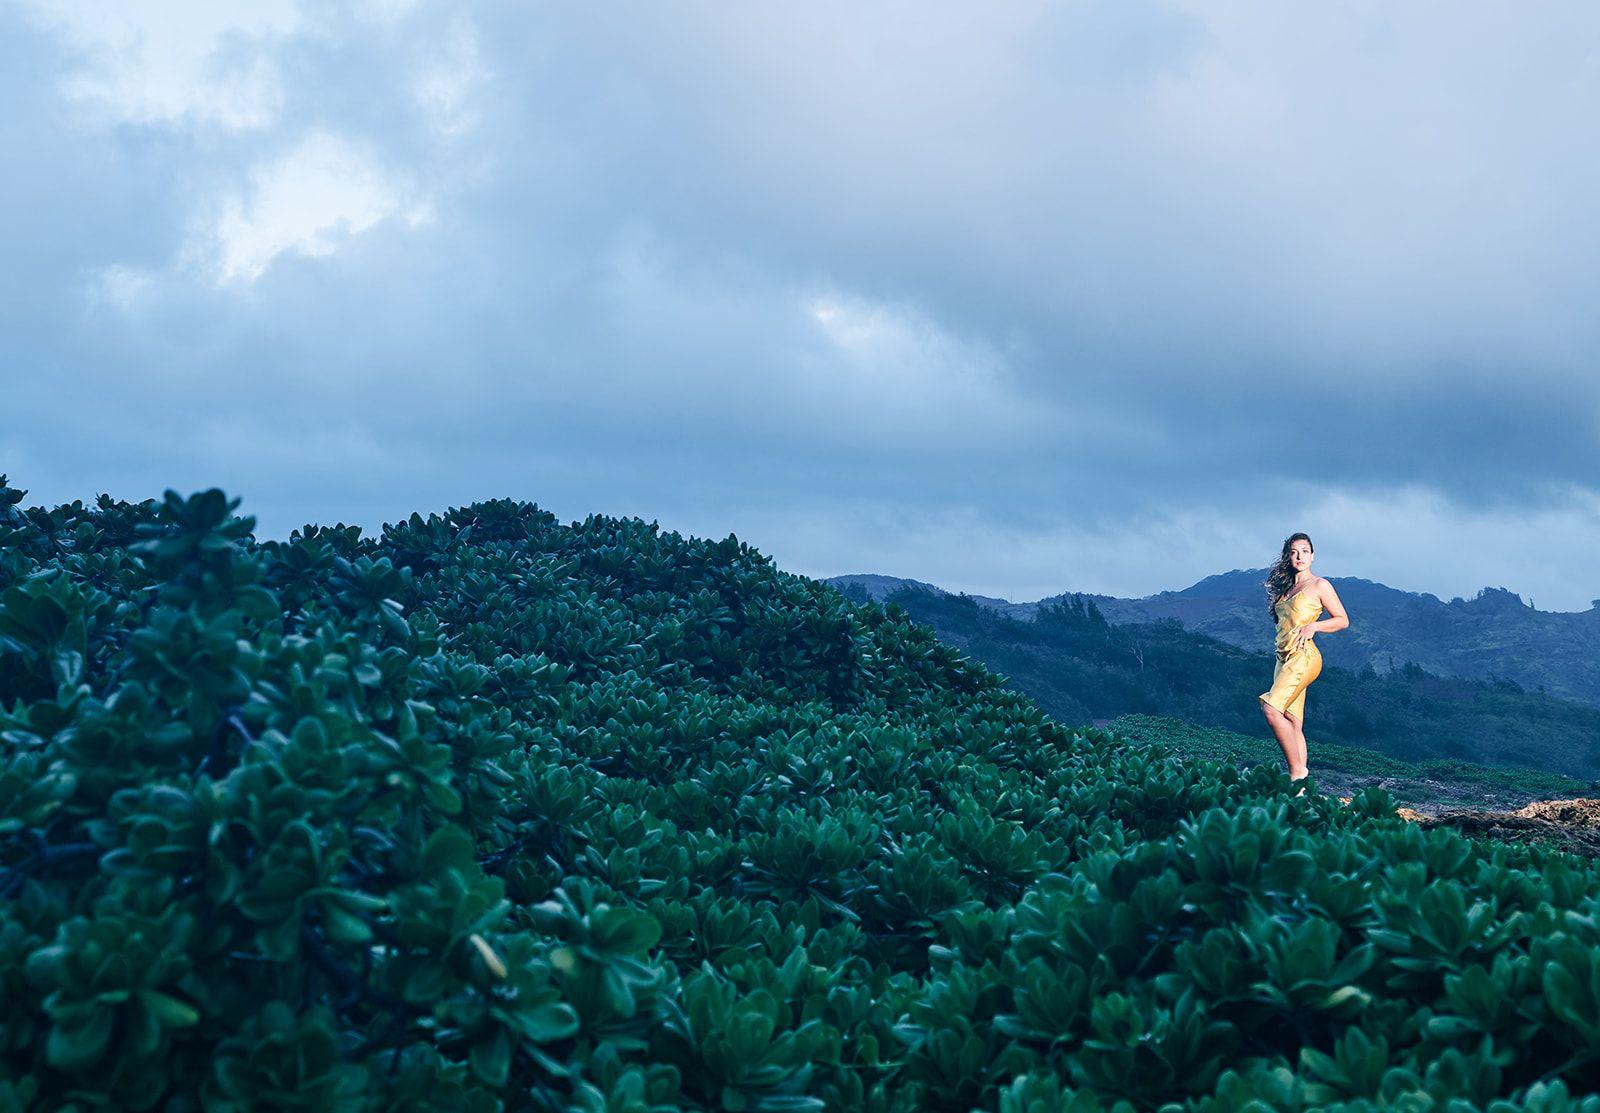 kauai-lifestyle-portraits-poipu-by-afewgoodclicks 6